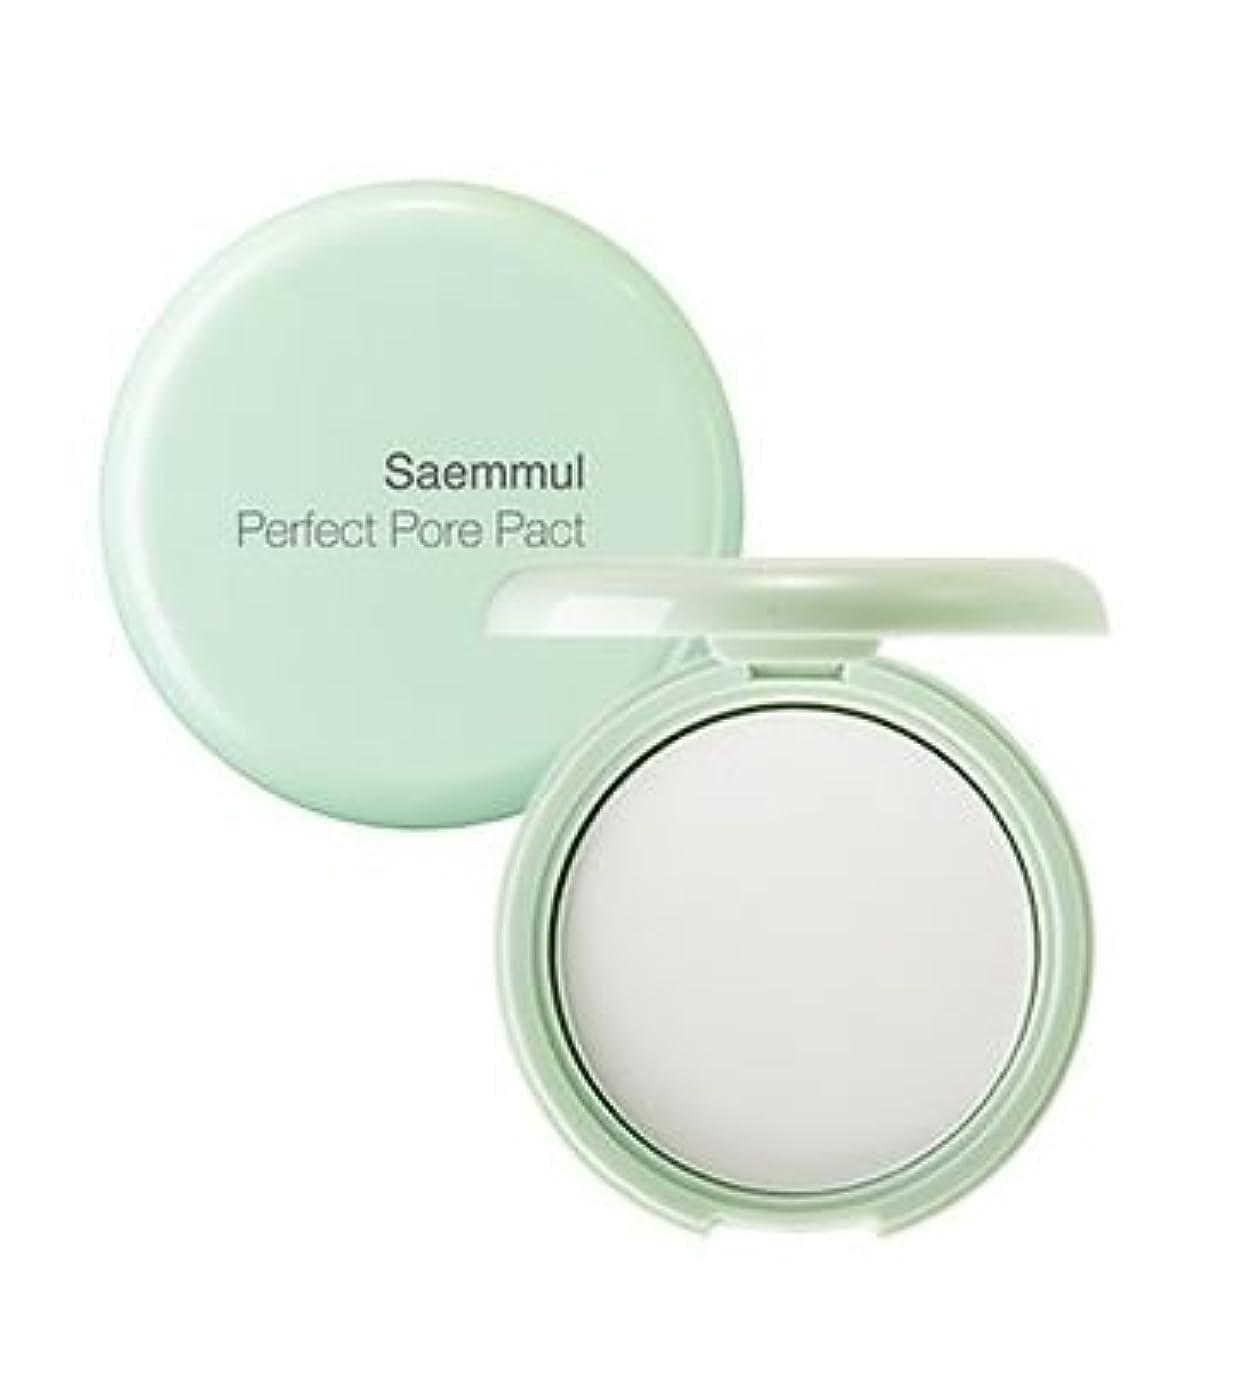 アンテナコンソール眉をひそめるザセム[The Saem]センムルセンムルポアパーフェクトパクト The Saem Saemmul Perfect Pore Pact